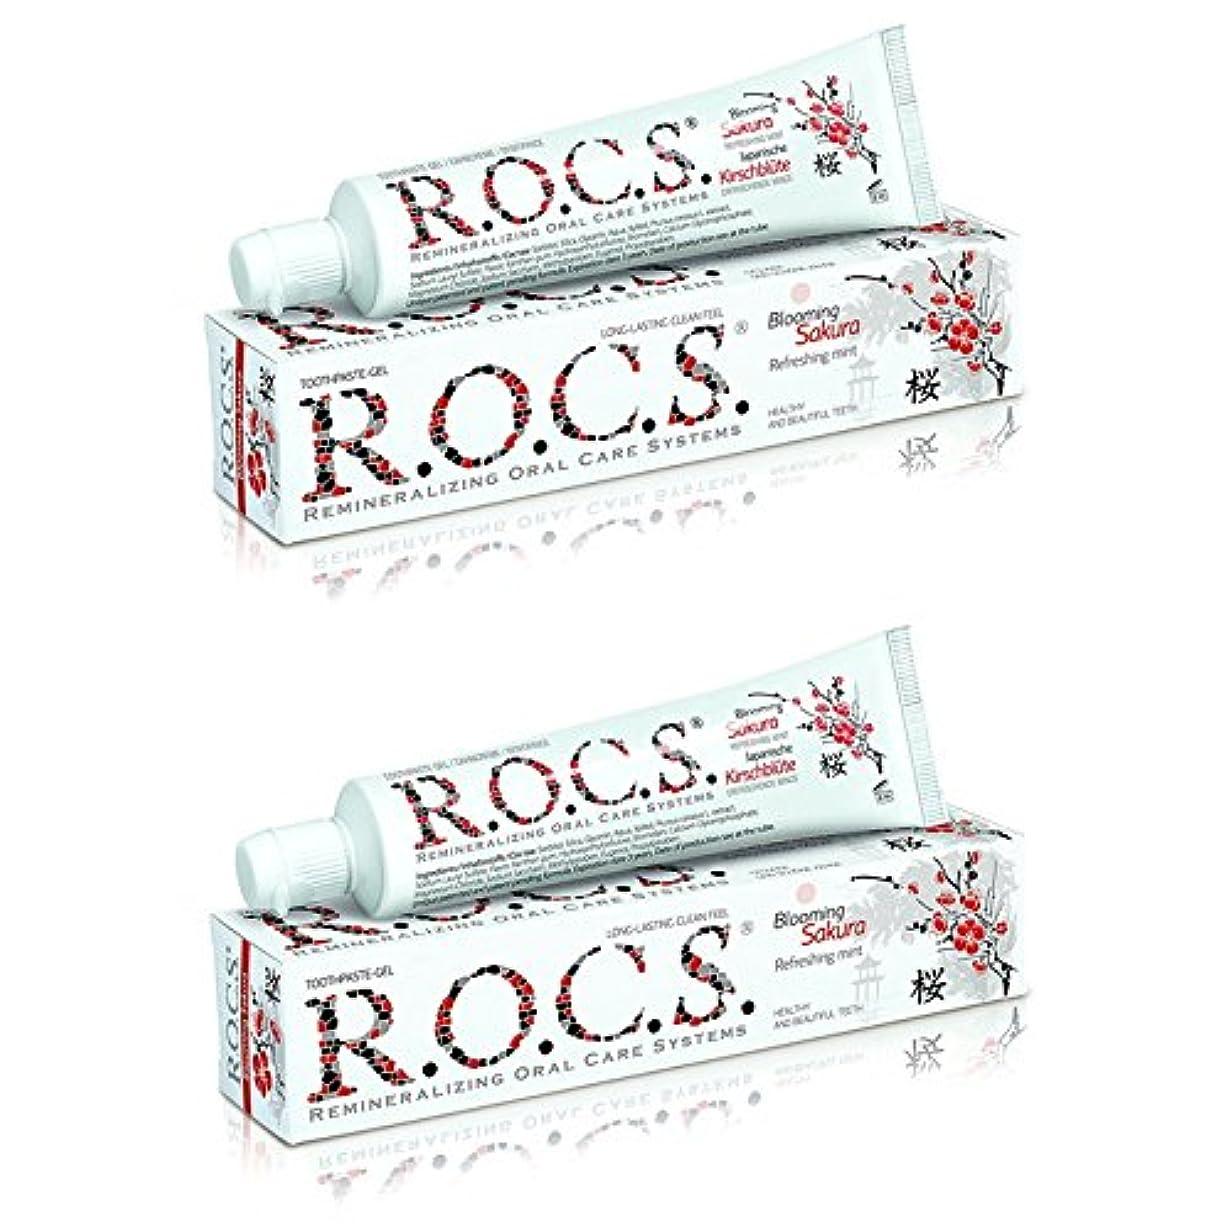 年金受給者補助リビングルームR.O.C.S. ロックス 歯磨き粉 ブルーミング サクラ BS (2箱セット)